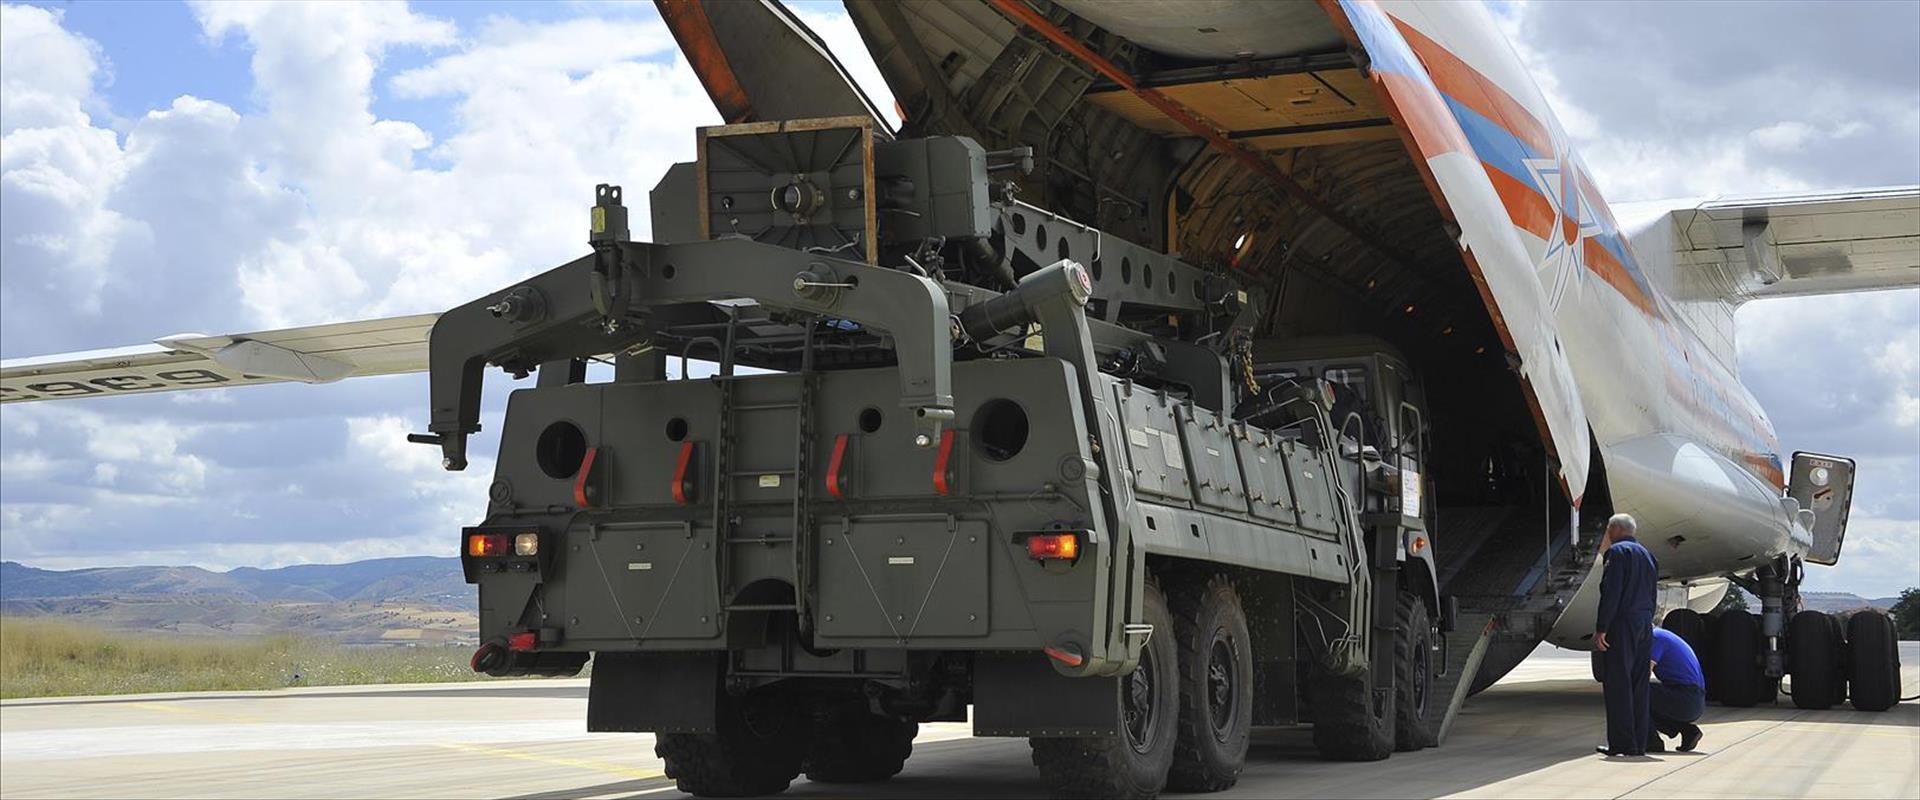 חלק ממערכת S-400 שהגיע לטורקיה